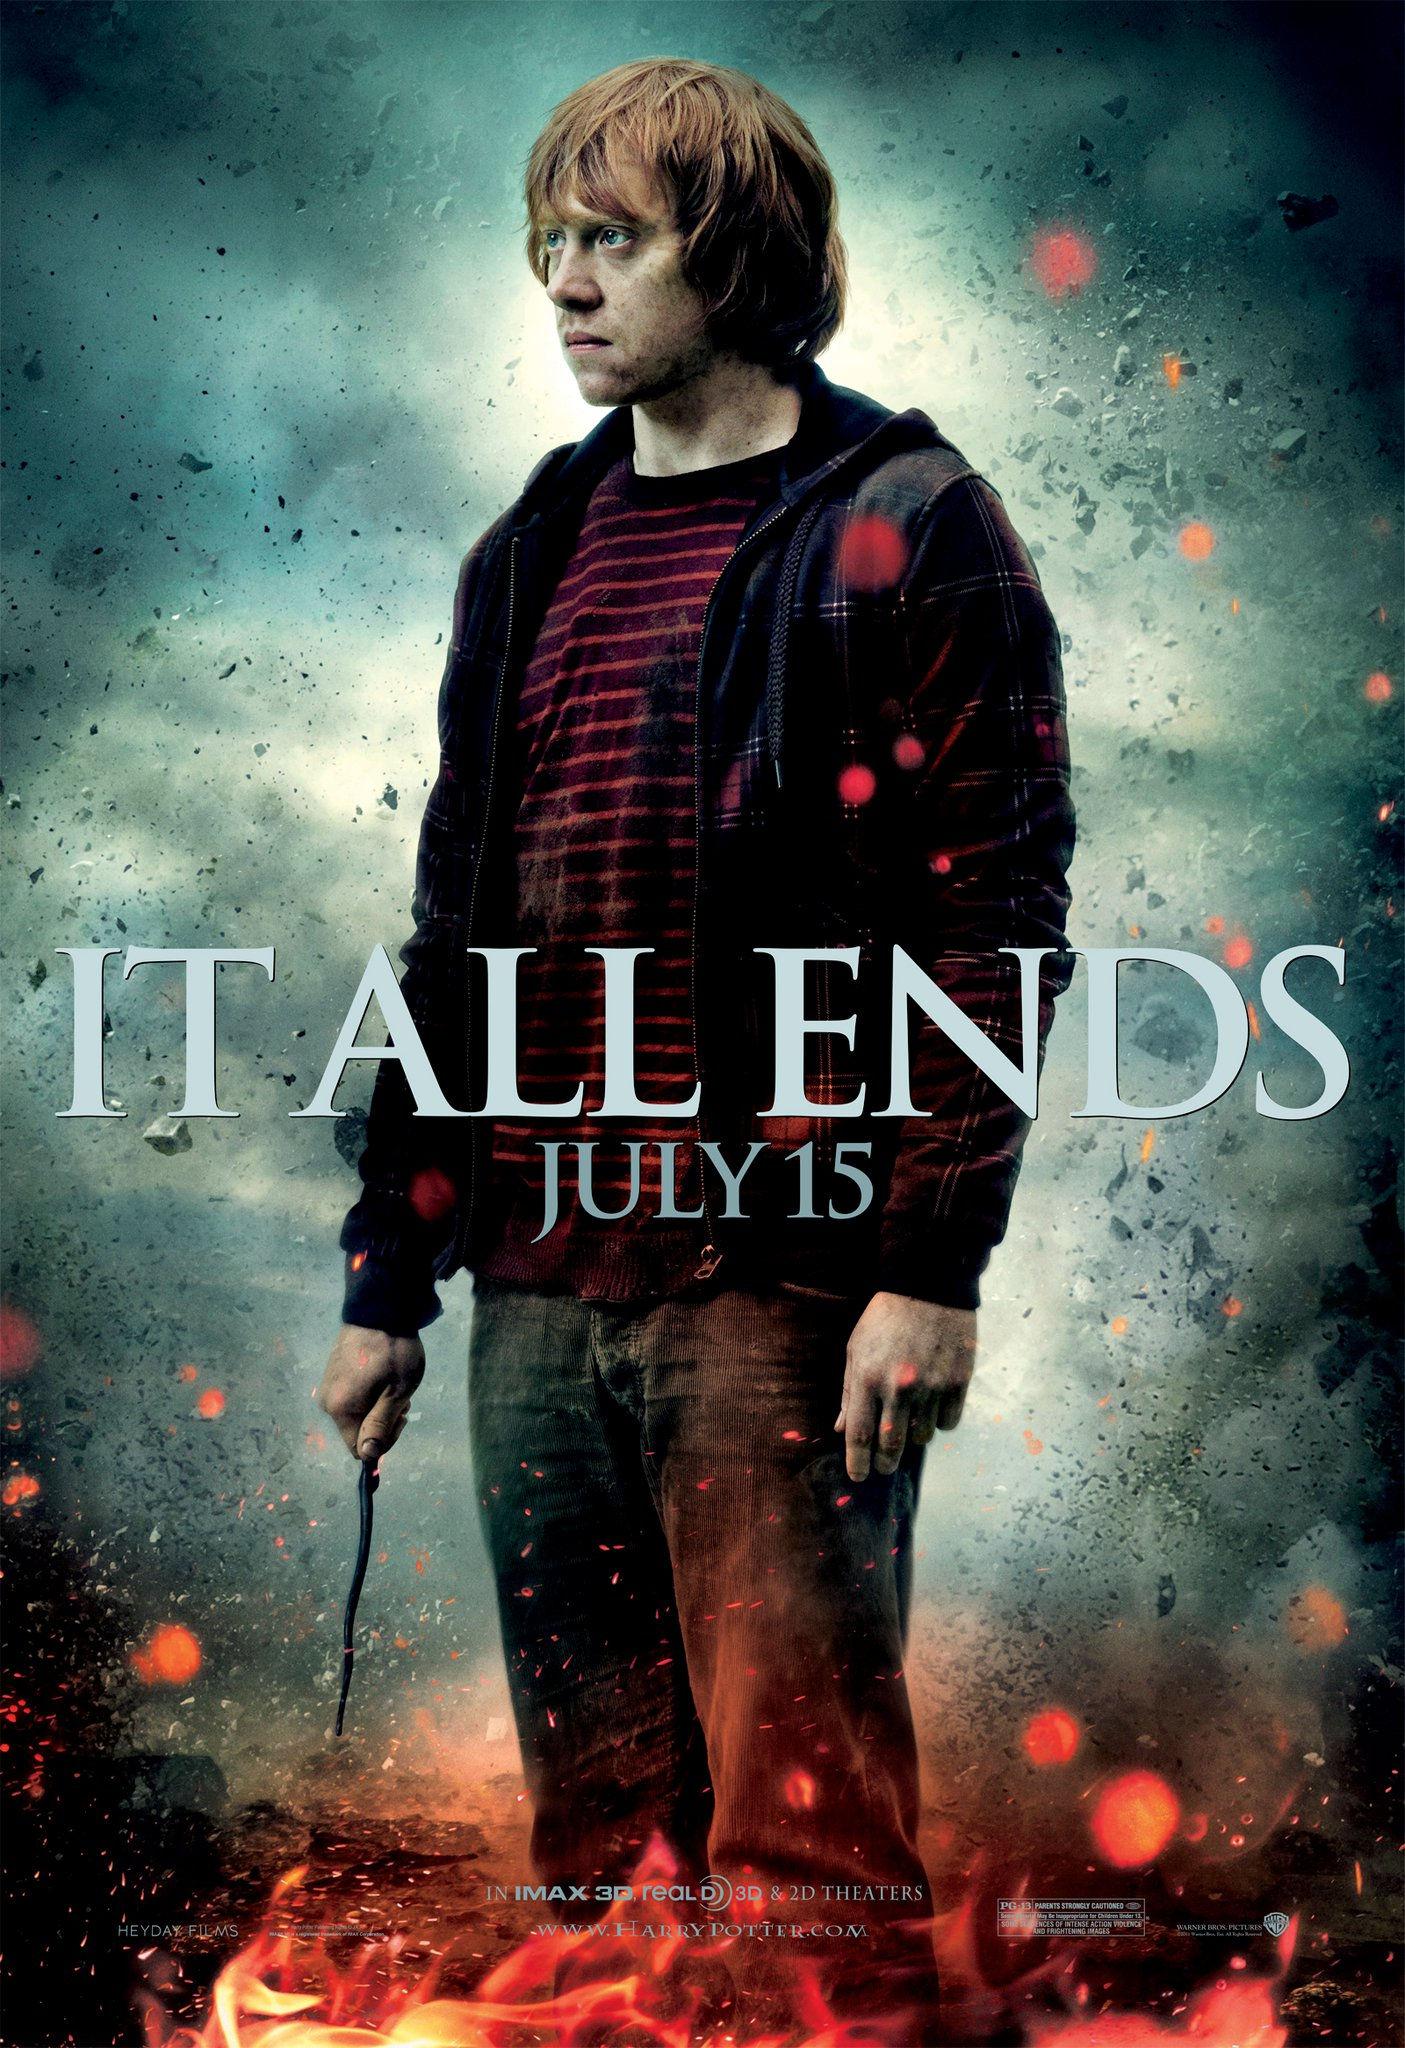 Fonds D Ecran Harry Potter Et Les Reliques De La Mort 2eme Partie Maximumwallhd